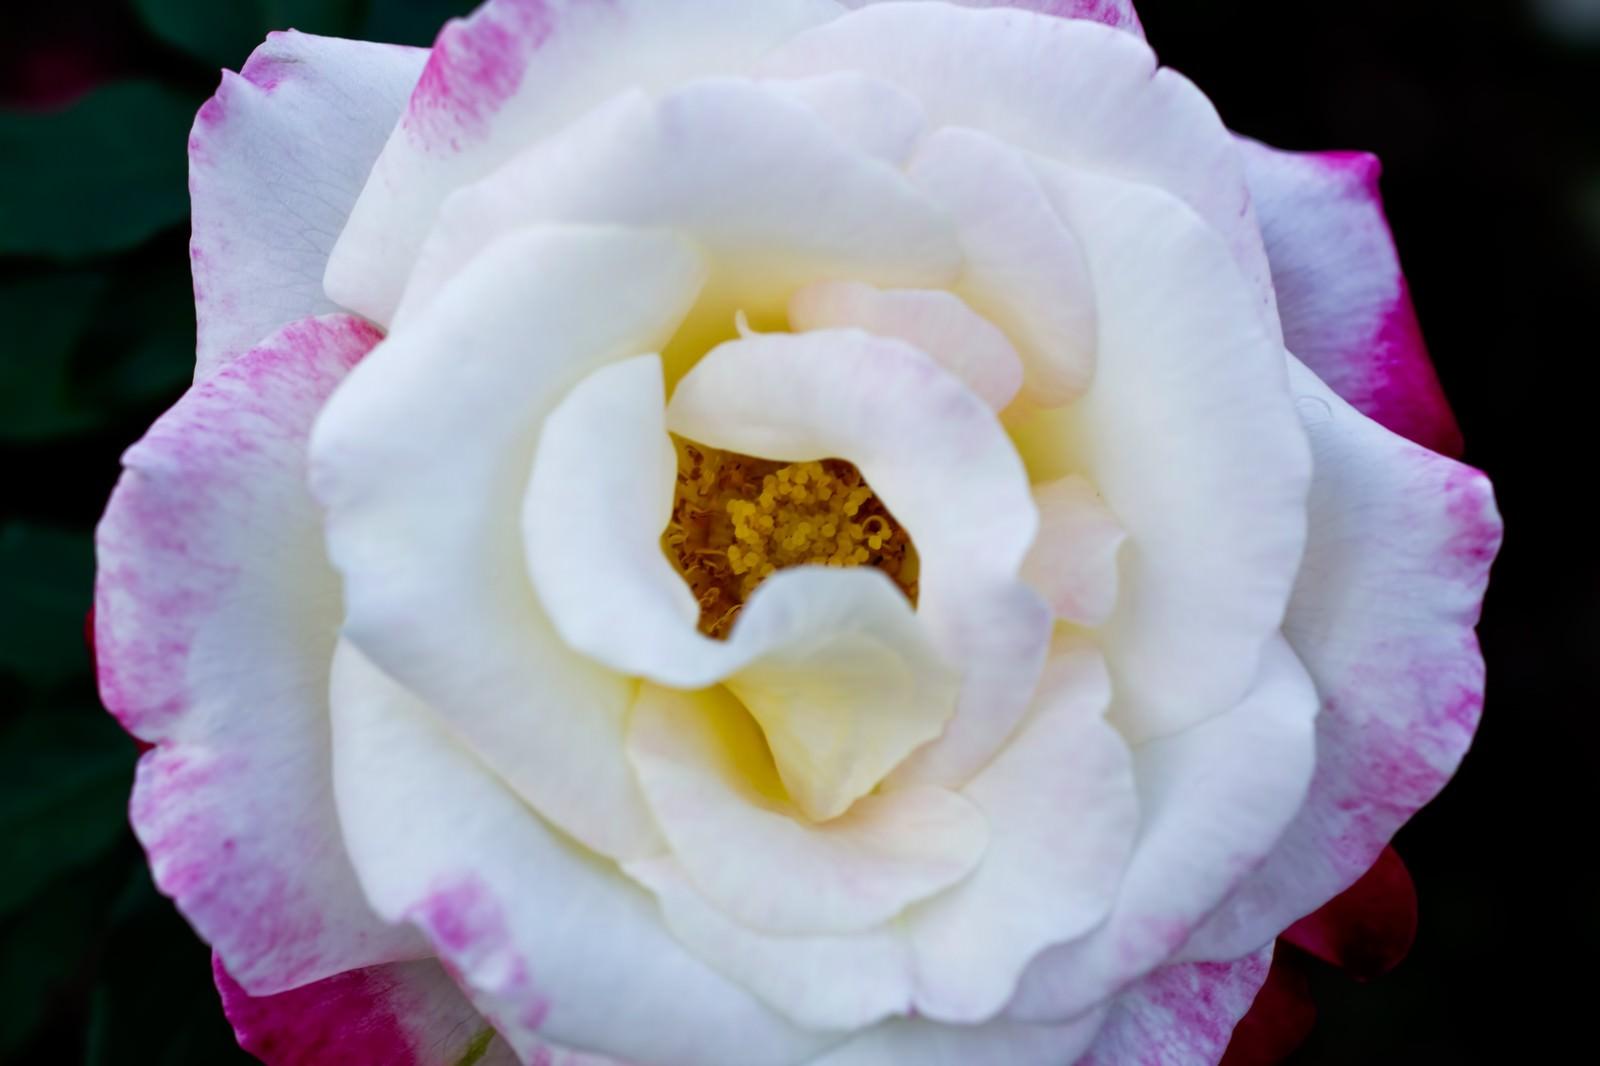 「フラグラントクラウド(薔薇)フラグラントクラウド(薔薇)」のフリー写真素材を拡大